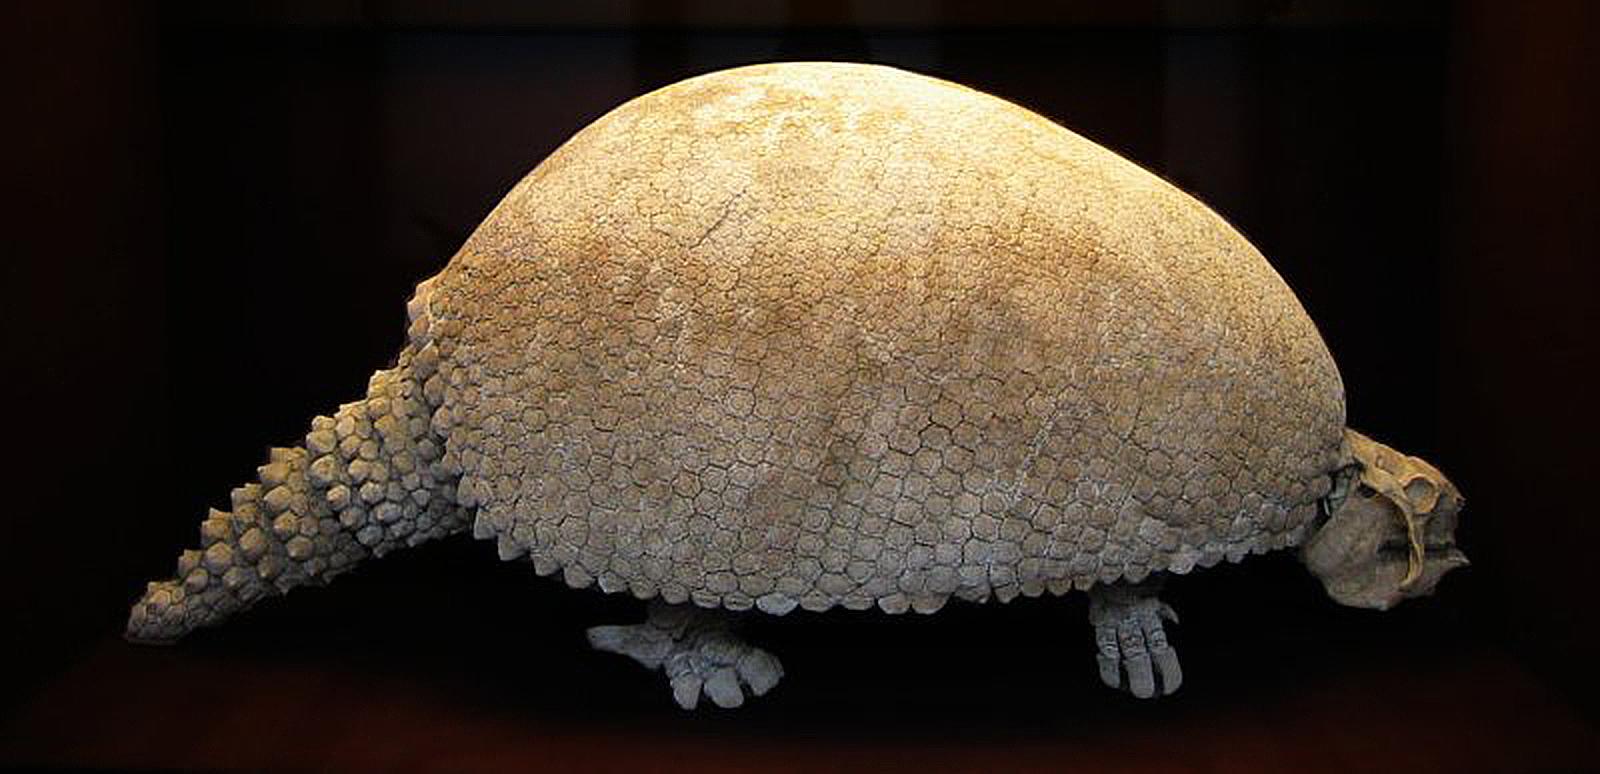 Depiction of Glyptodon